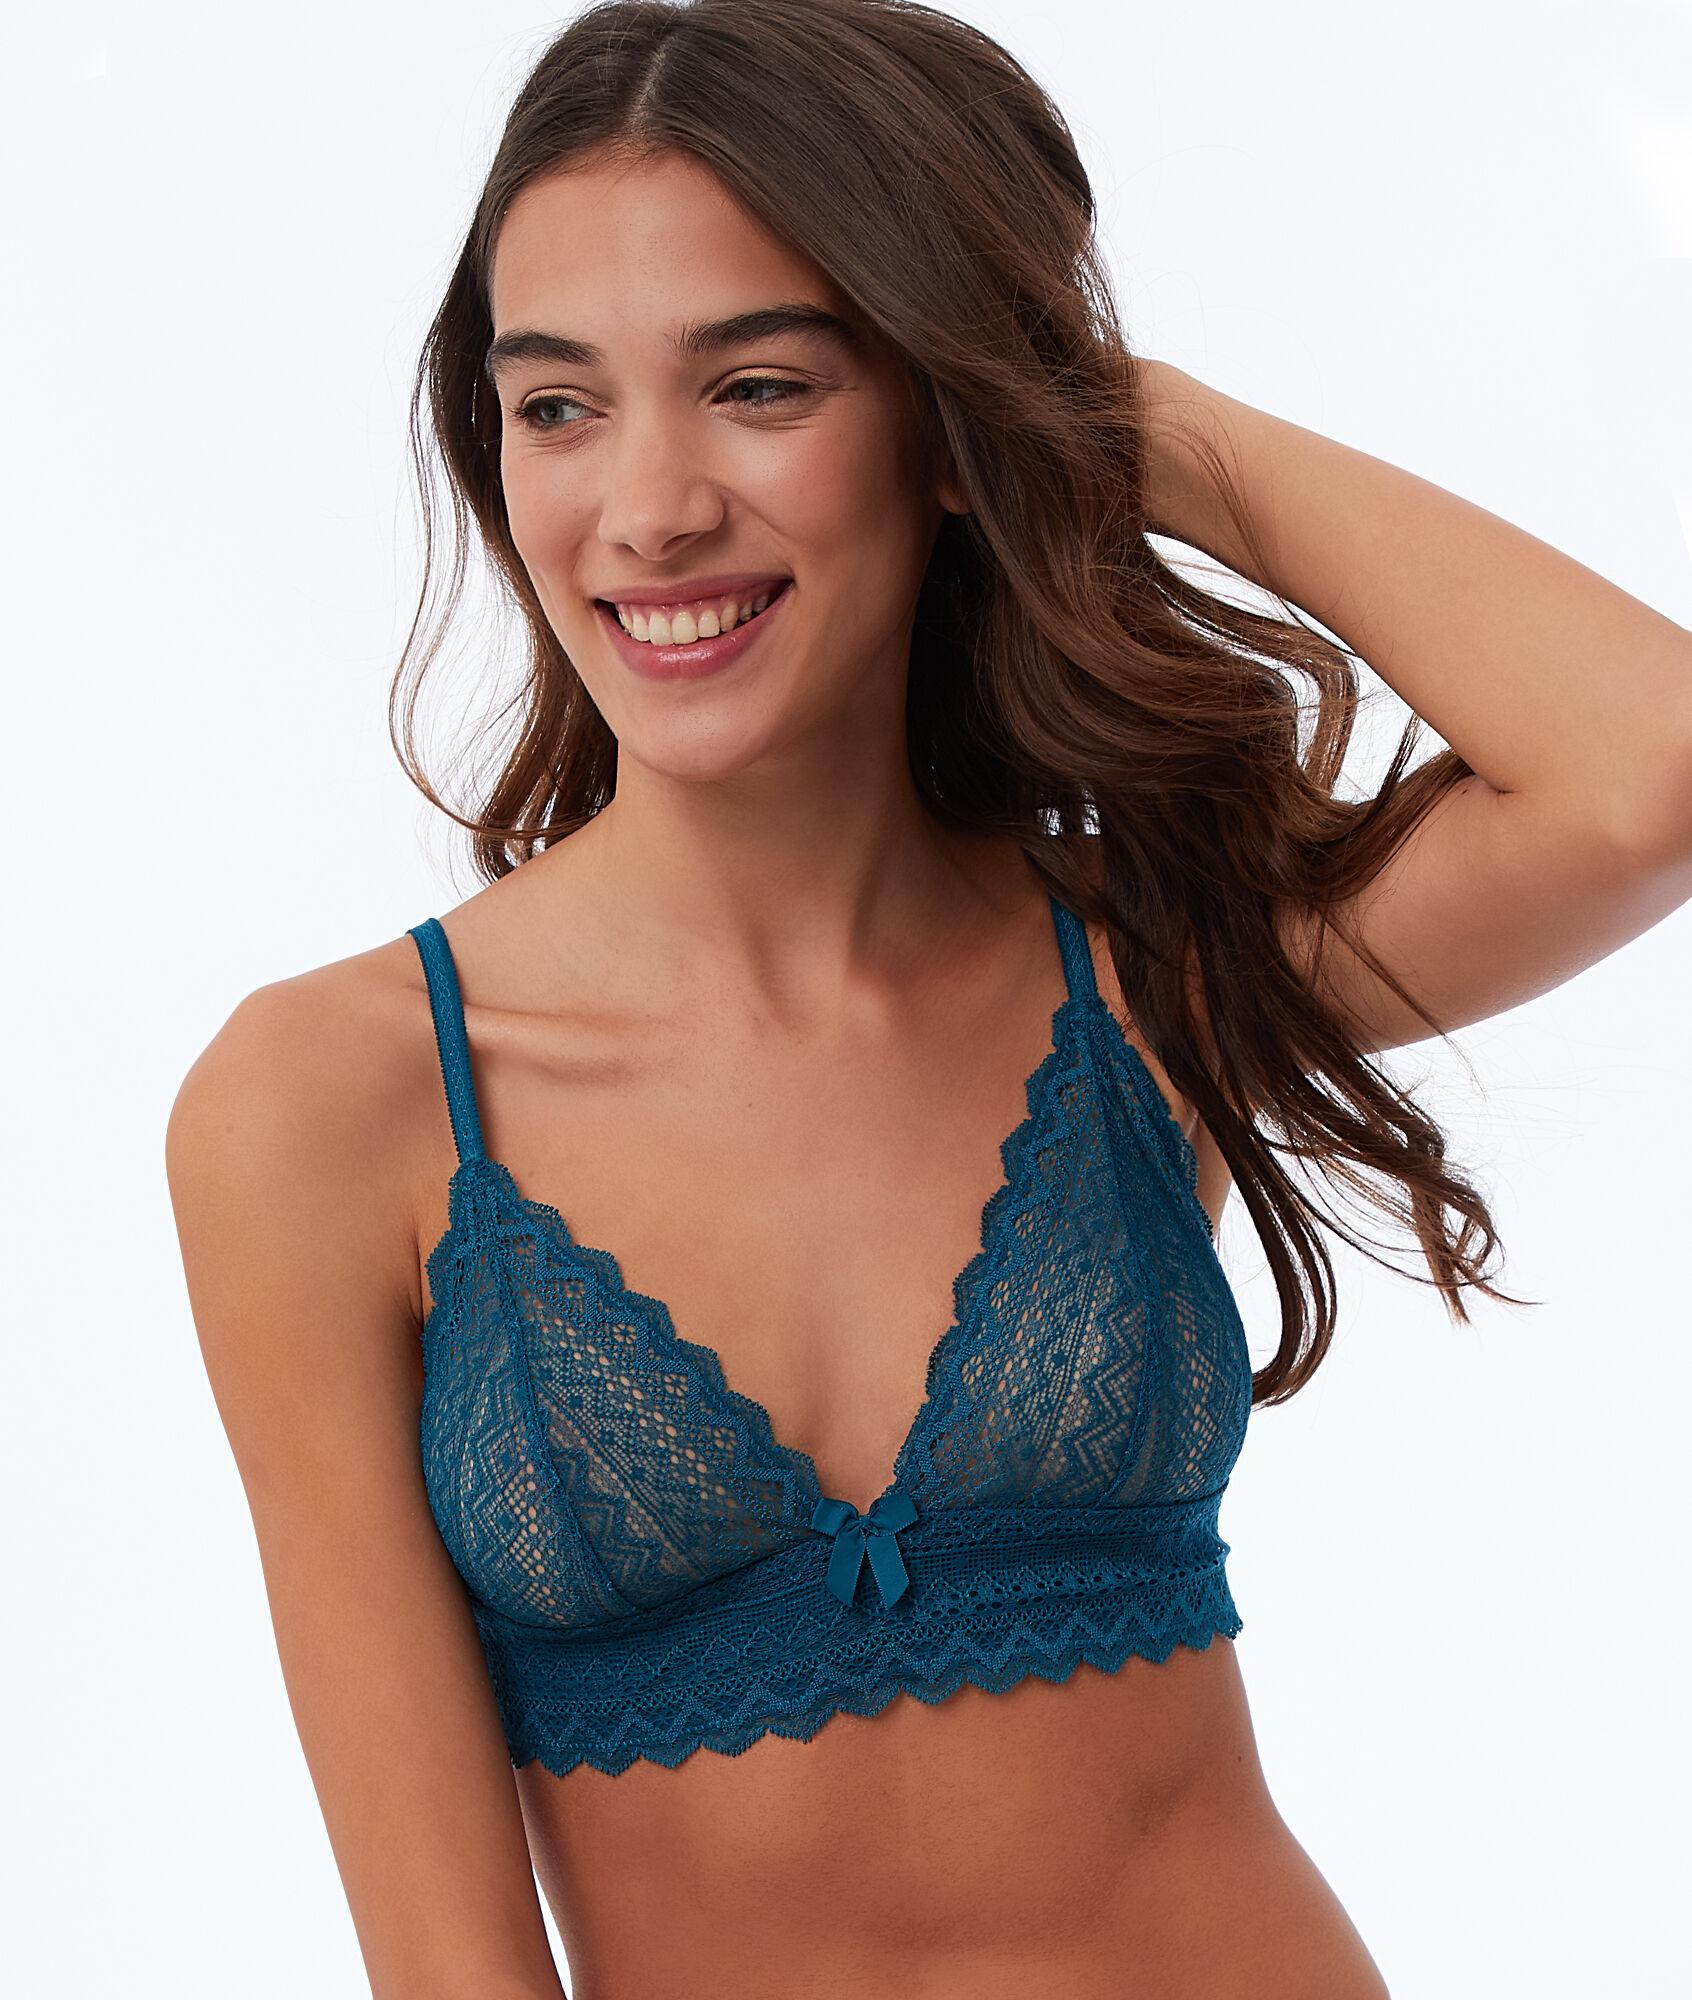 063075c0a4486 Lace triangle bra - Etam